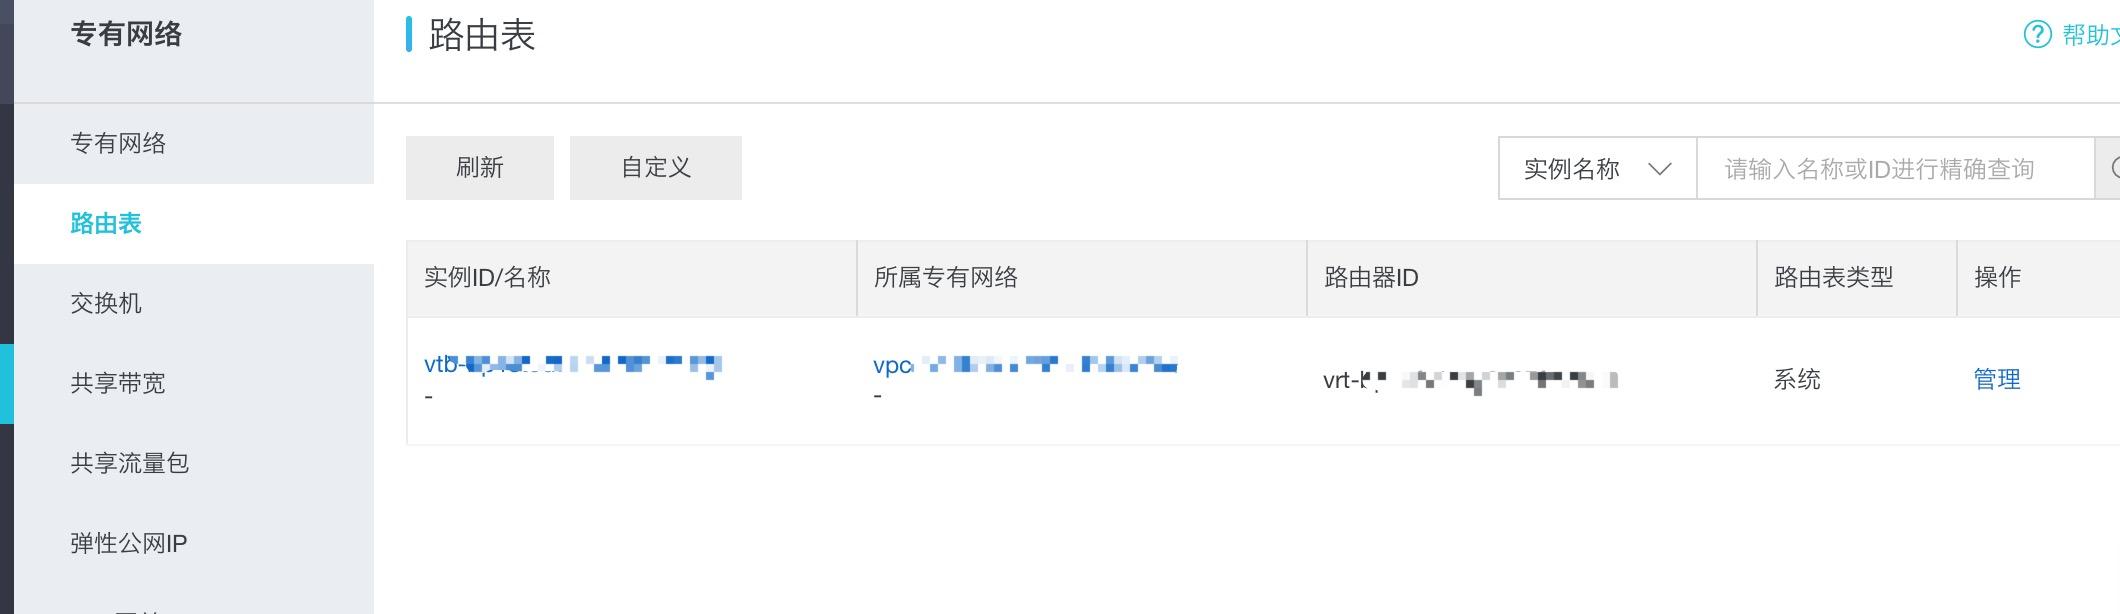 阿里云跨账号内网VPC互连设置